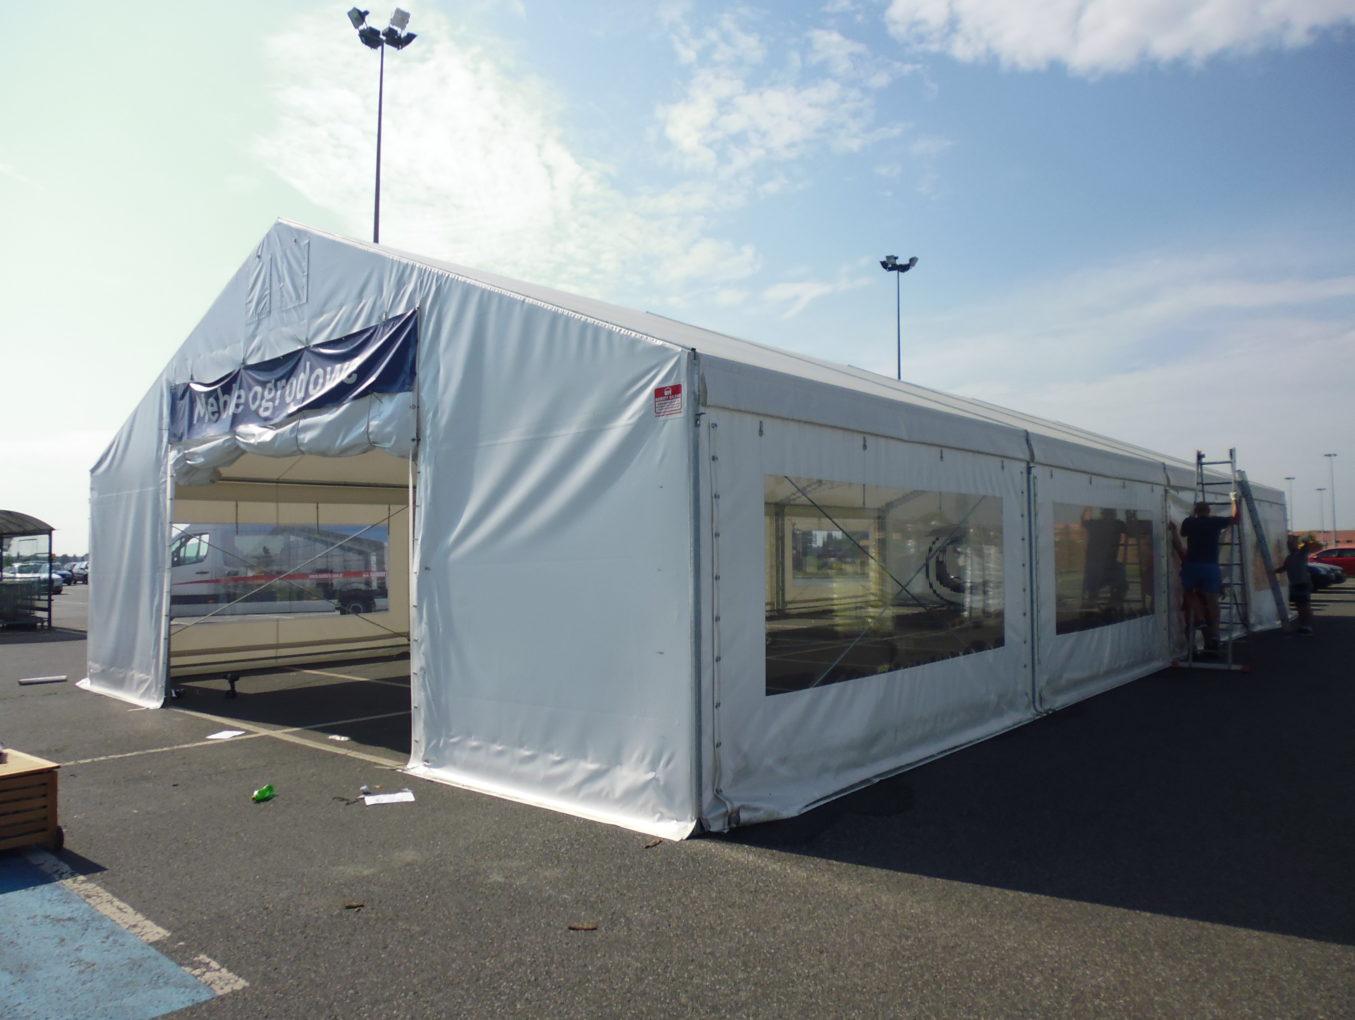 Dlaczego warto wypożyczyć namiot?